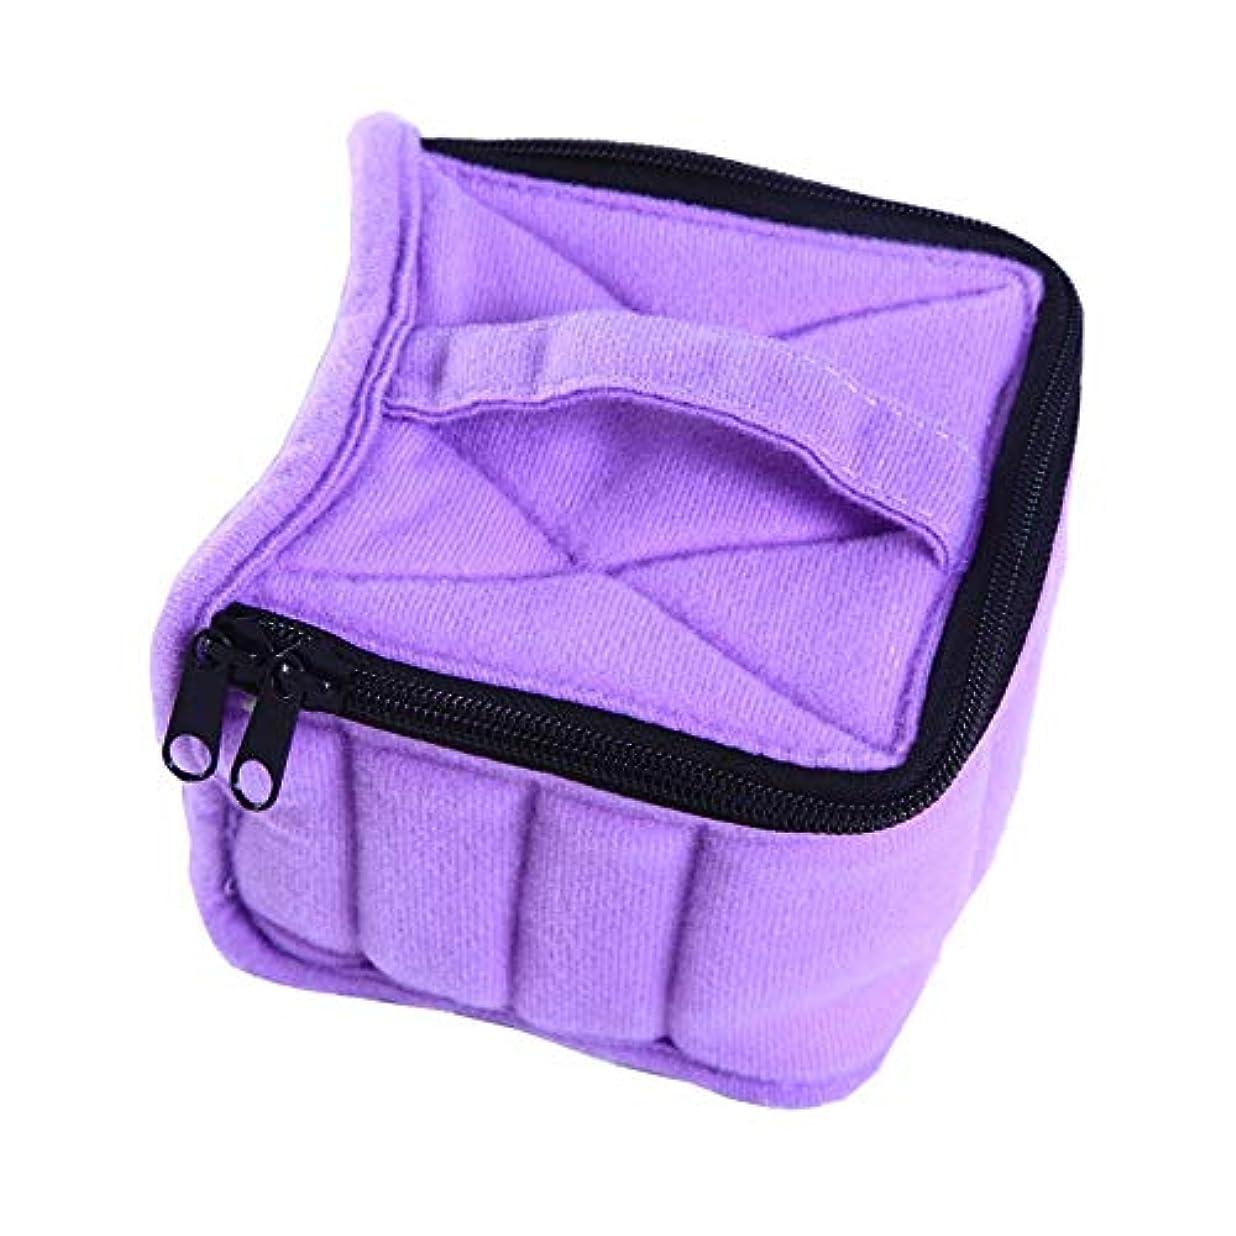 救出感性ペレットエッセンシャルオイルストレージボックス 16ボトルエッセンシャルオイルキャリングケースはパープル走行用ボトル5ミリリットル/ 15ミリリットルパーフェクトを開催します 旅行およびプレゼンテーション用 (色 : 紫の, サイズ...